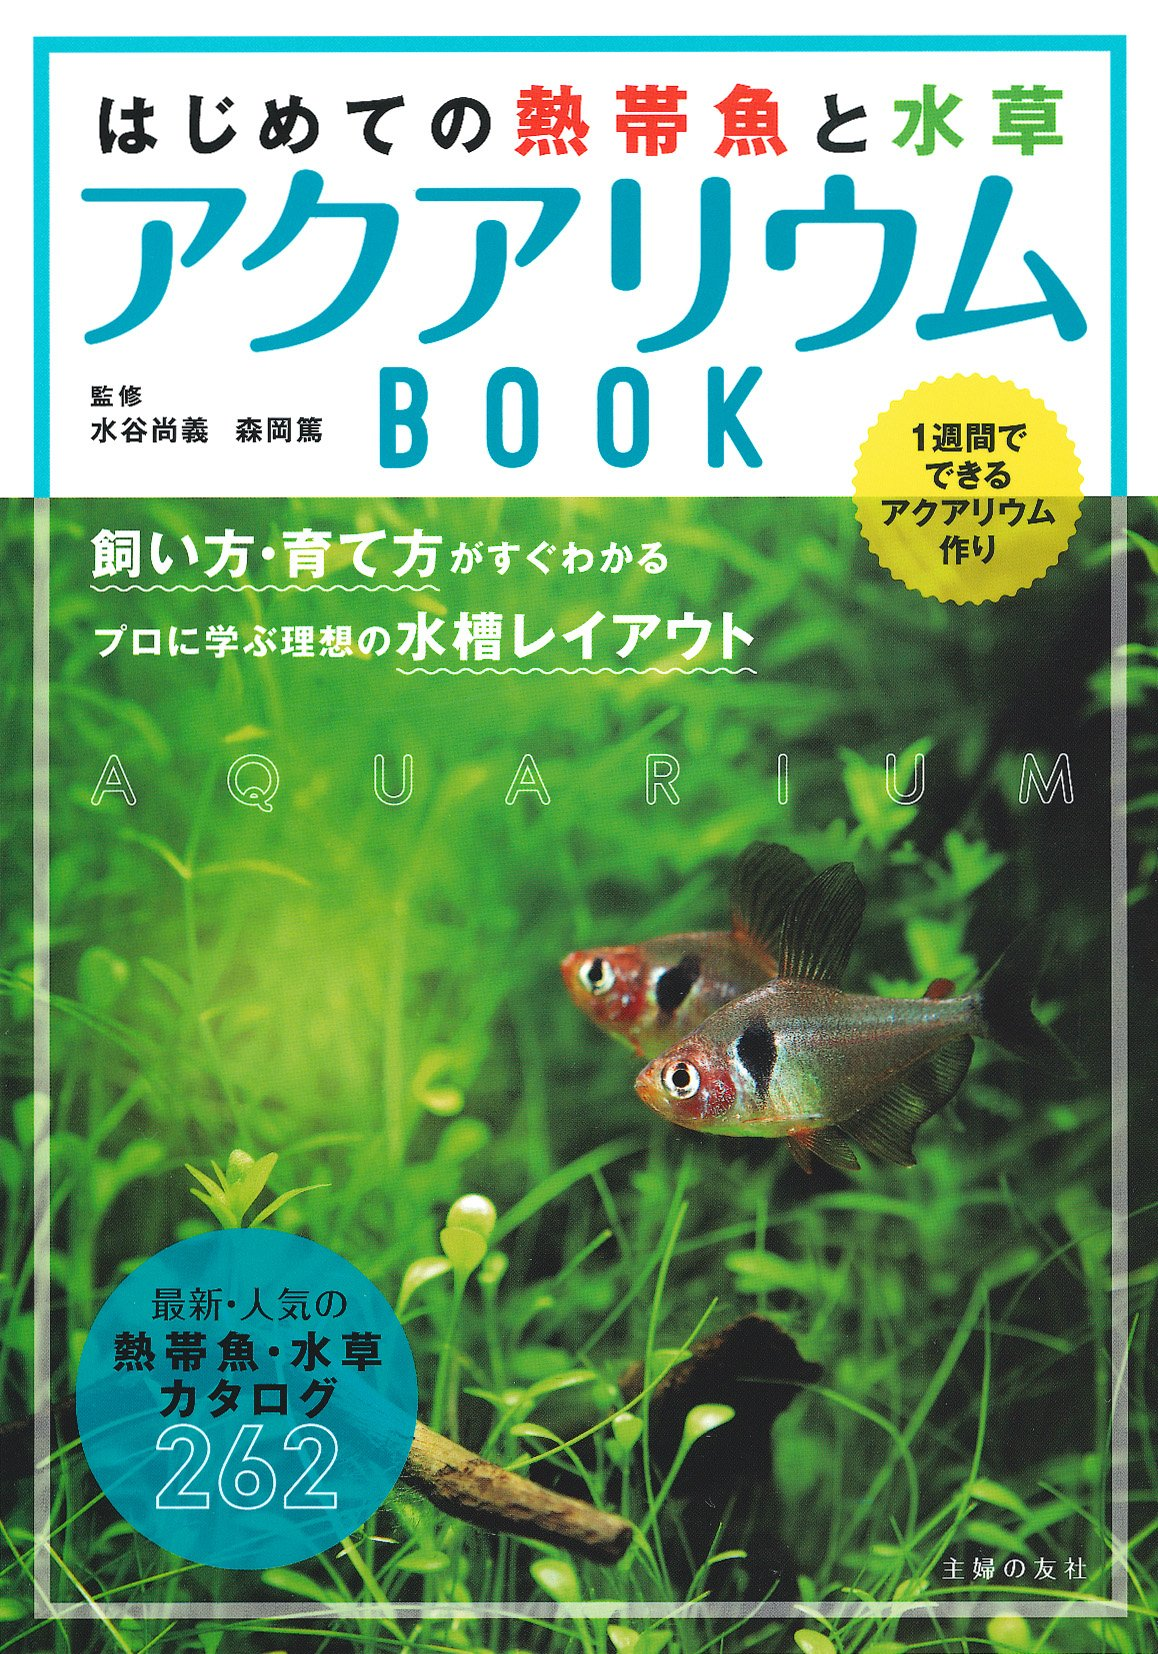 『はじめての熱帯魚と水草 アクアリウムBOOK』(主婦の友社)